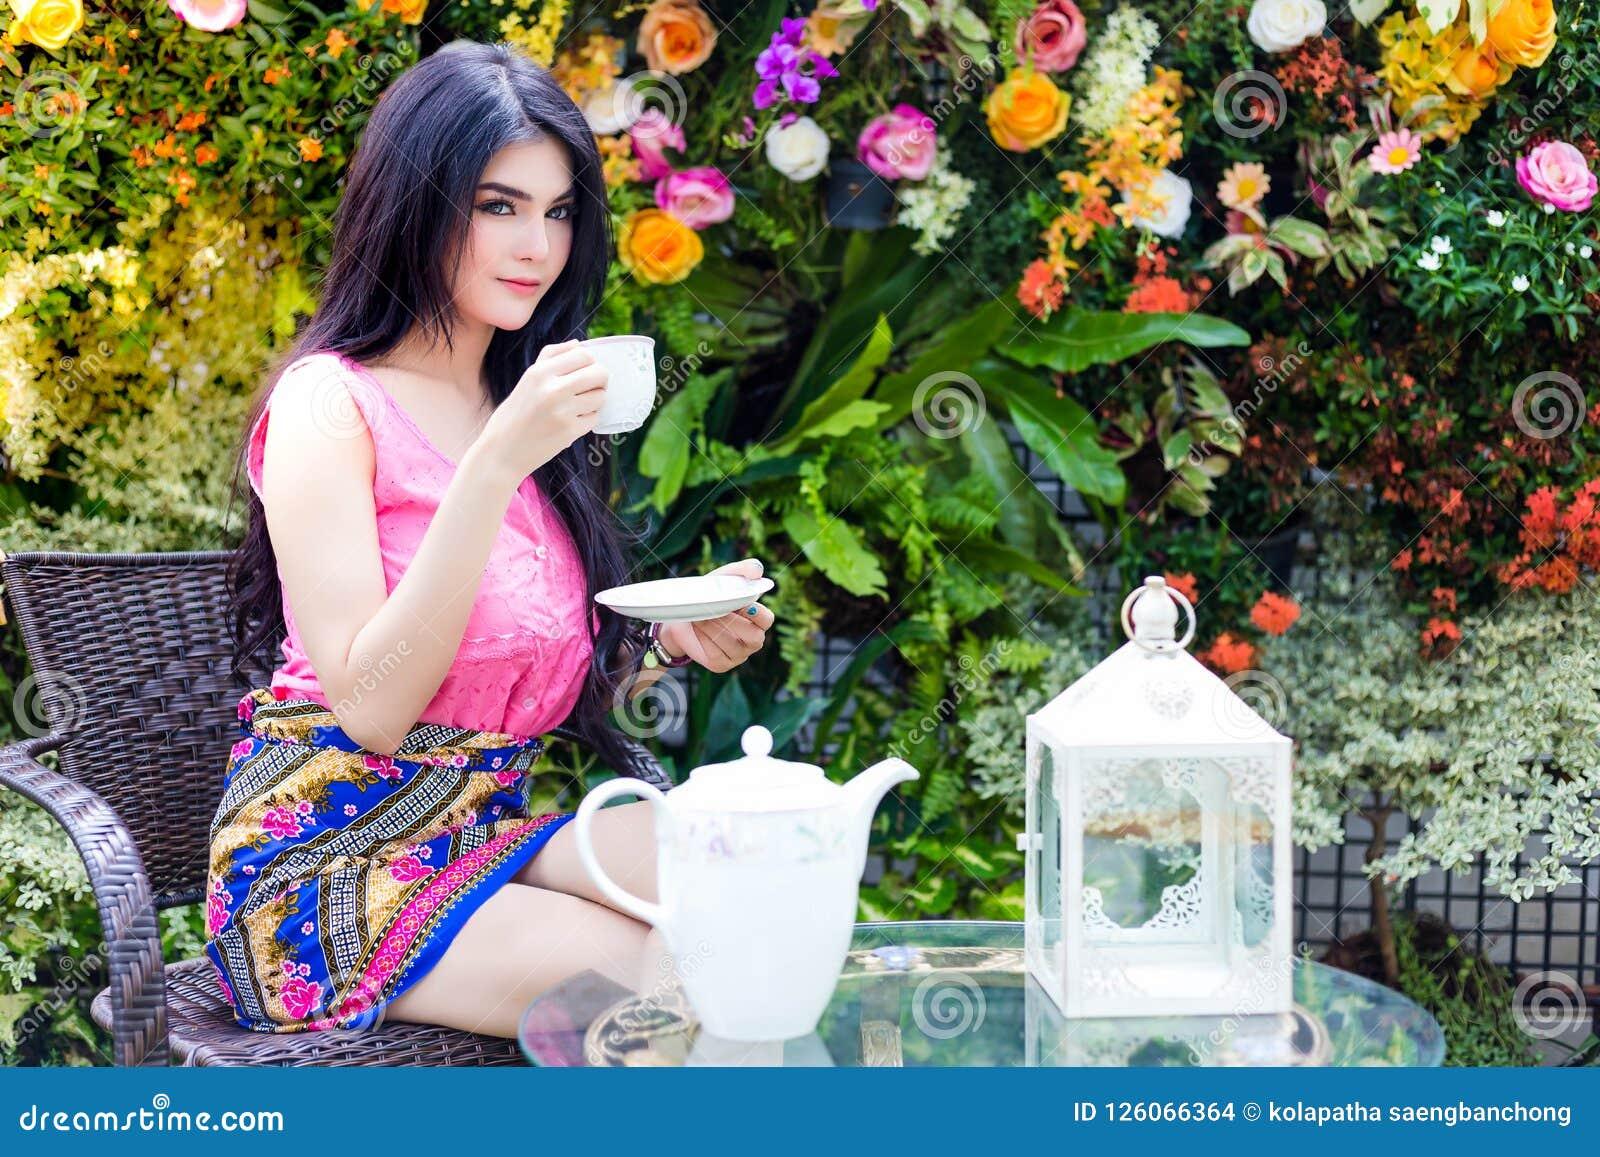 Η γοητεία της όμορφης γυναίκας πίνει τον καφέ ή το τσάι το απόγευμα